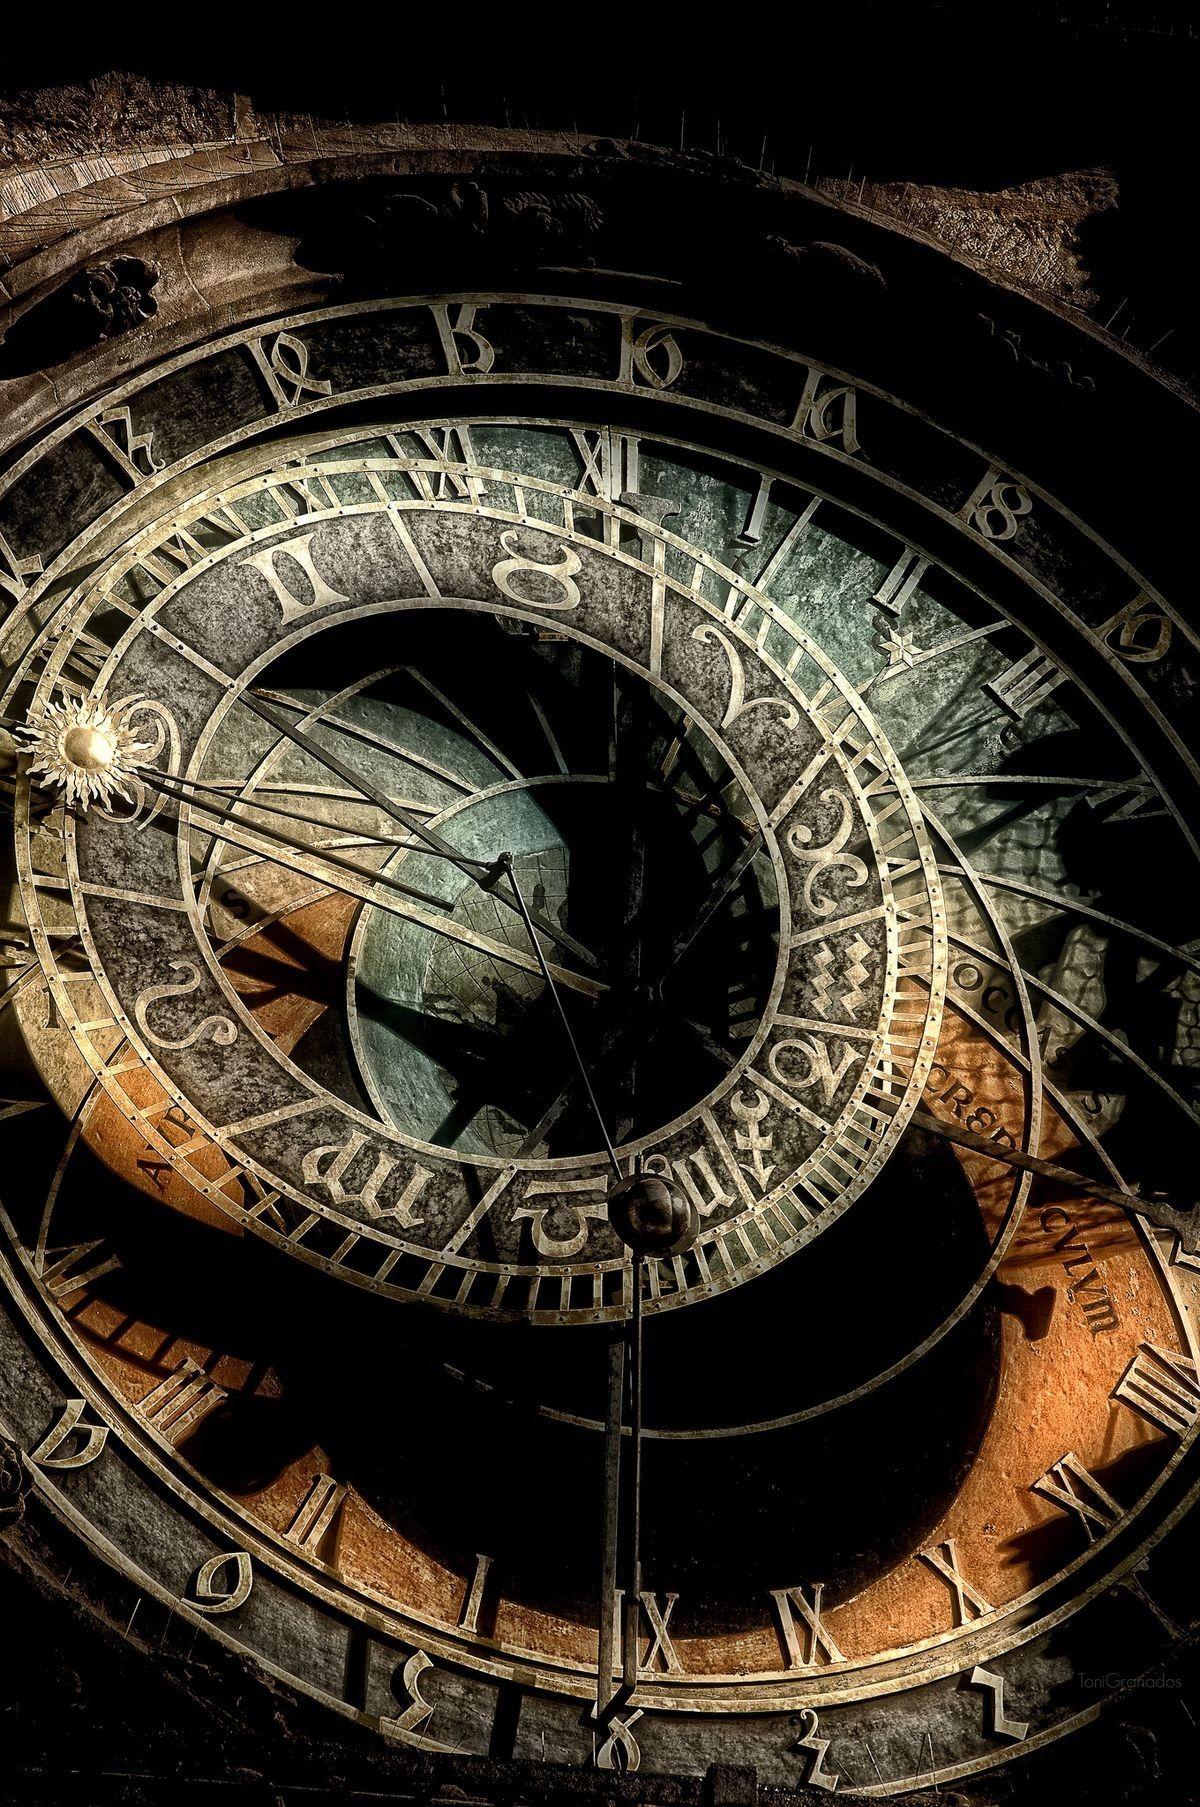 Pin by ꠸αƞϵ on Tiƈƙ Toƈƙ... Clock, Phone wallpaper, Best